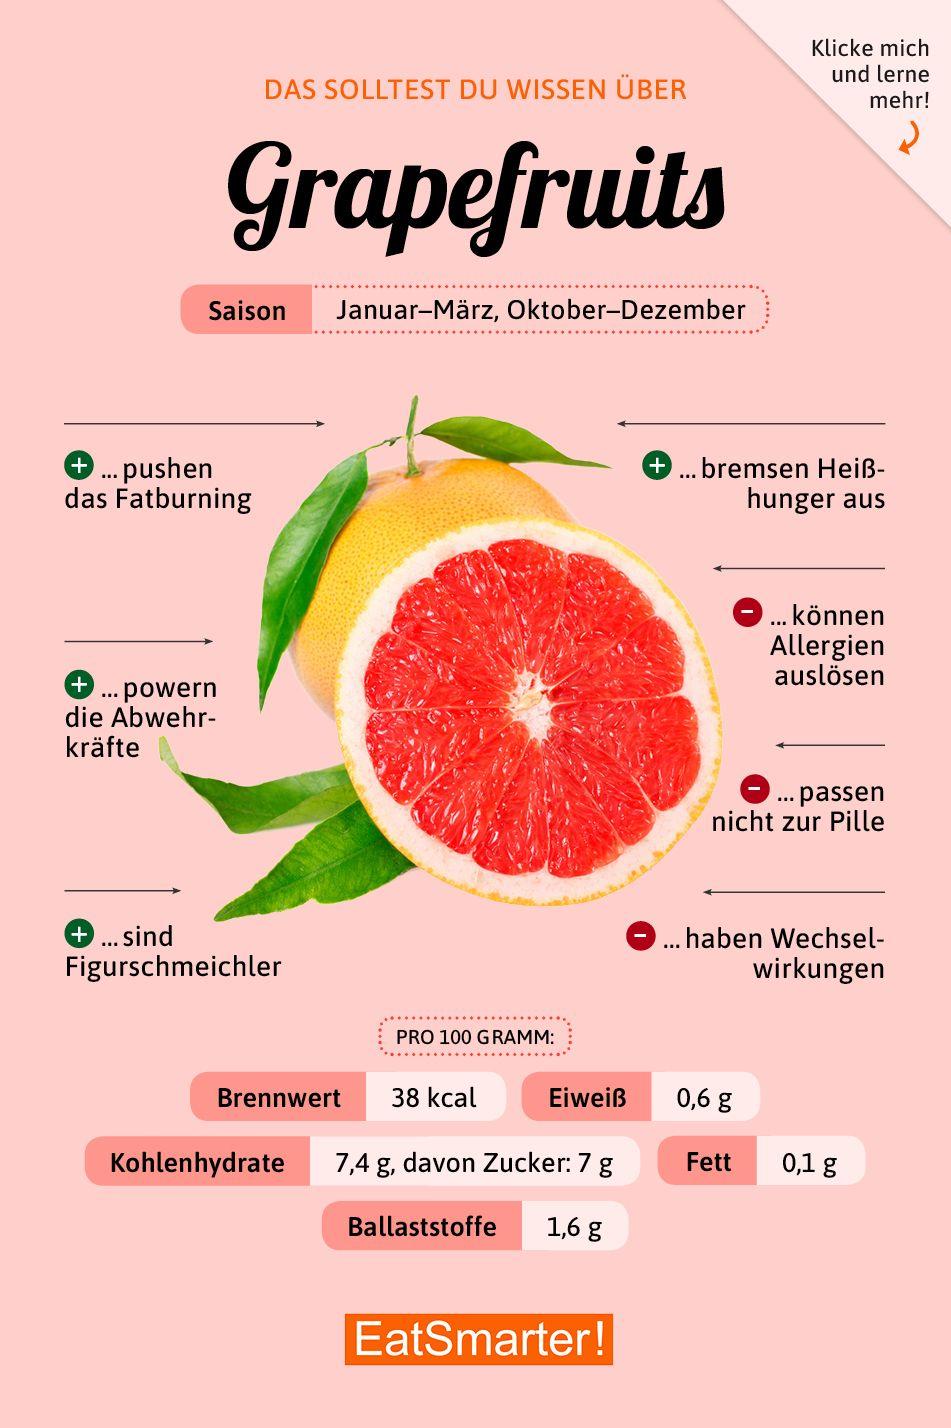 Das solltest du über Grapefruits wissen! #ernährung #infografik #grapefruits #nutritionhealthyeating